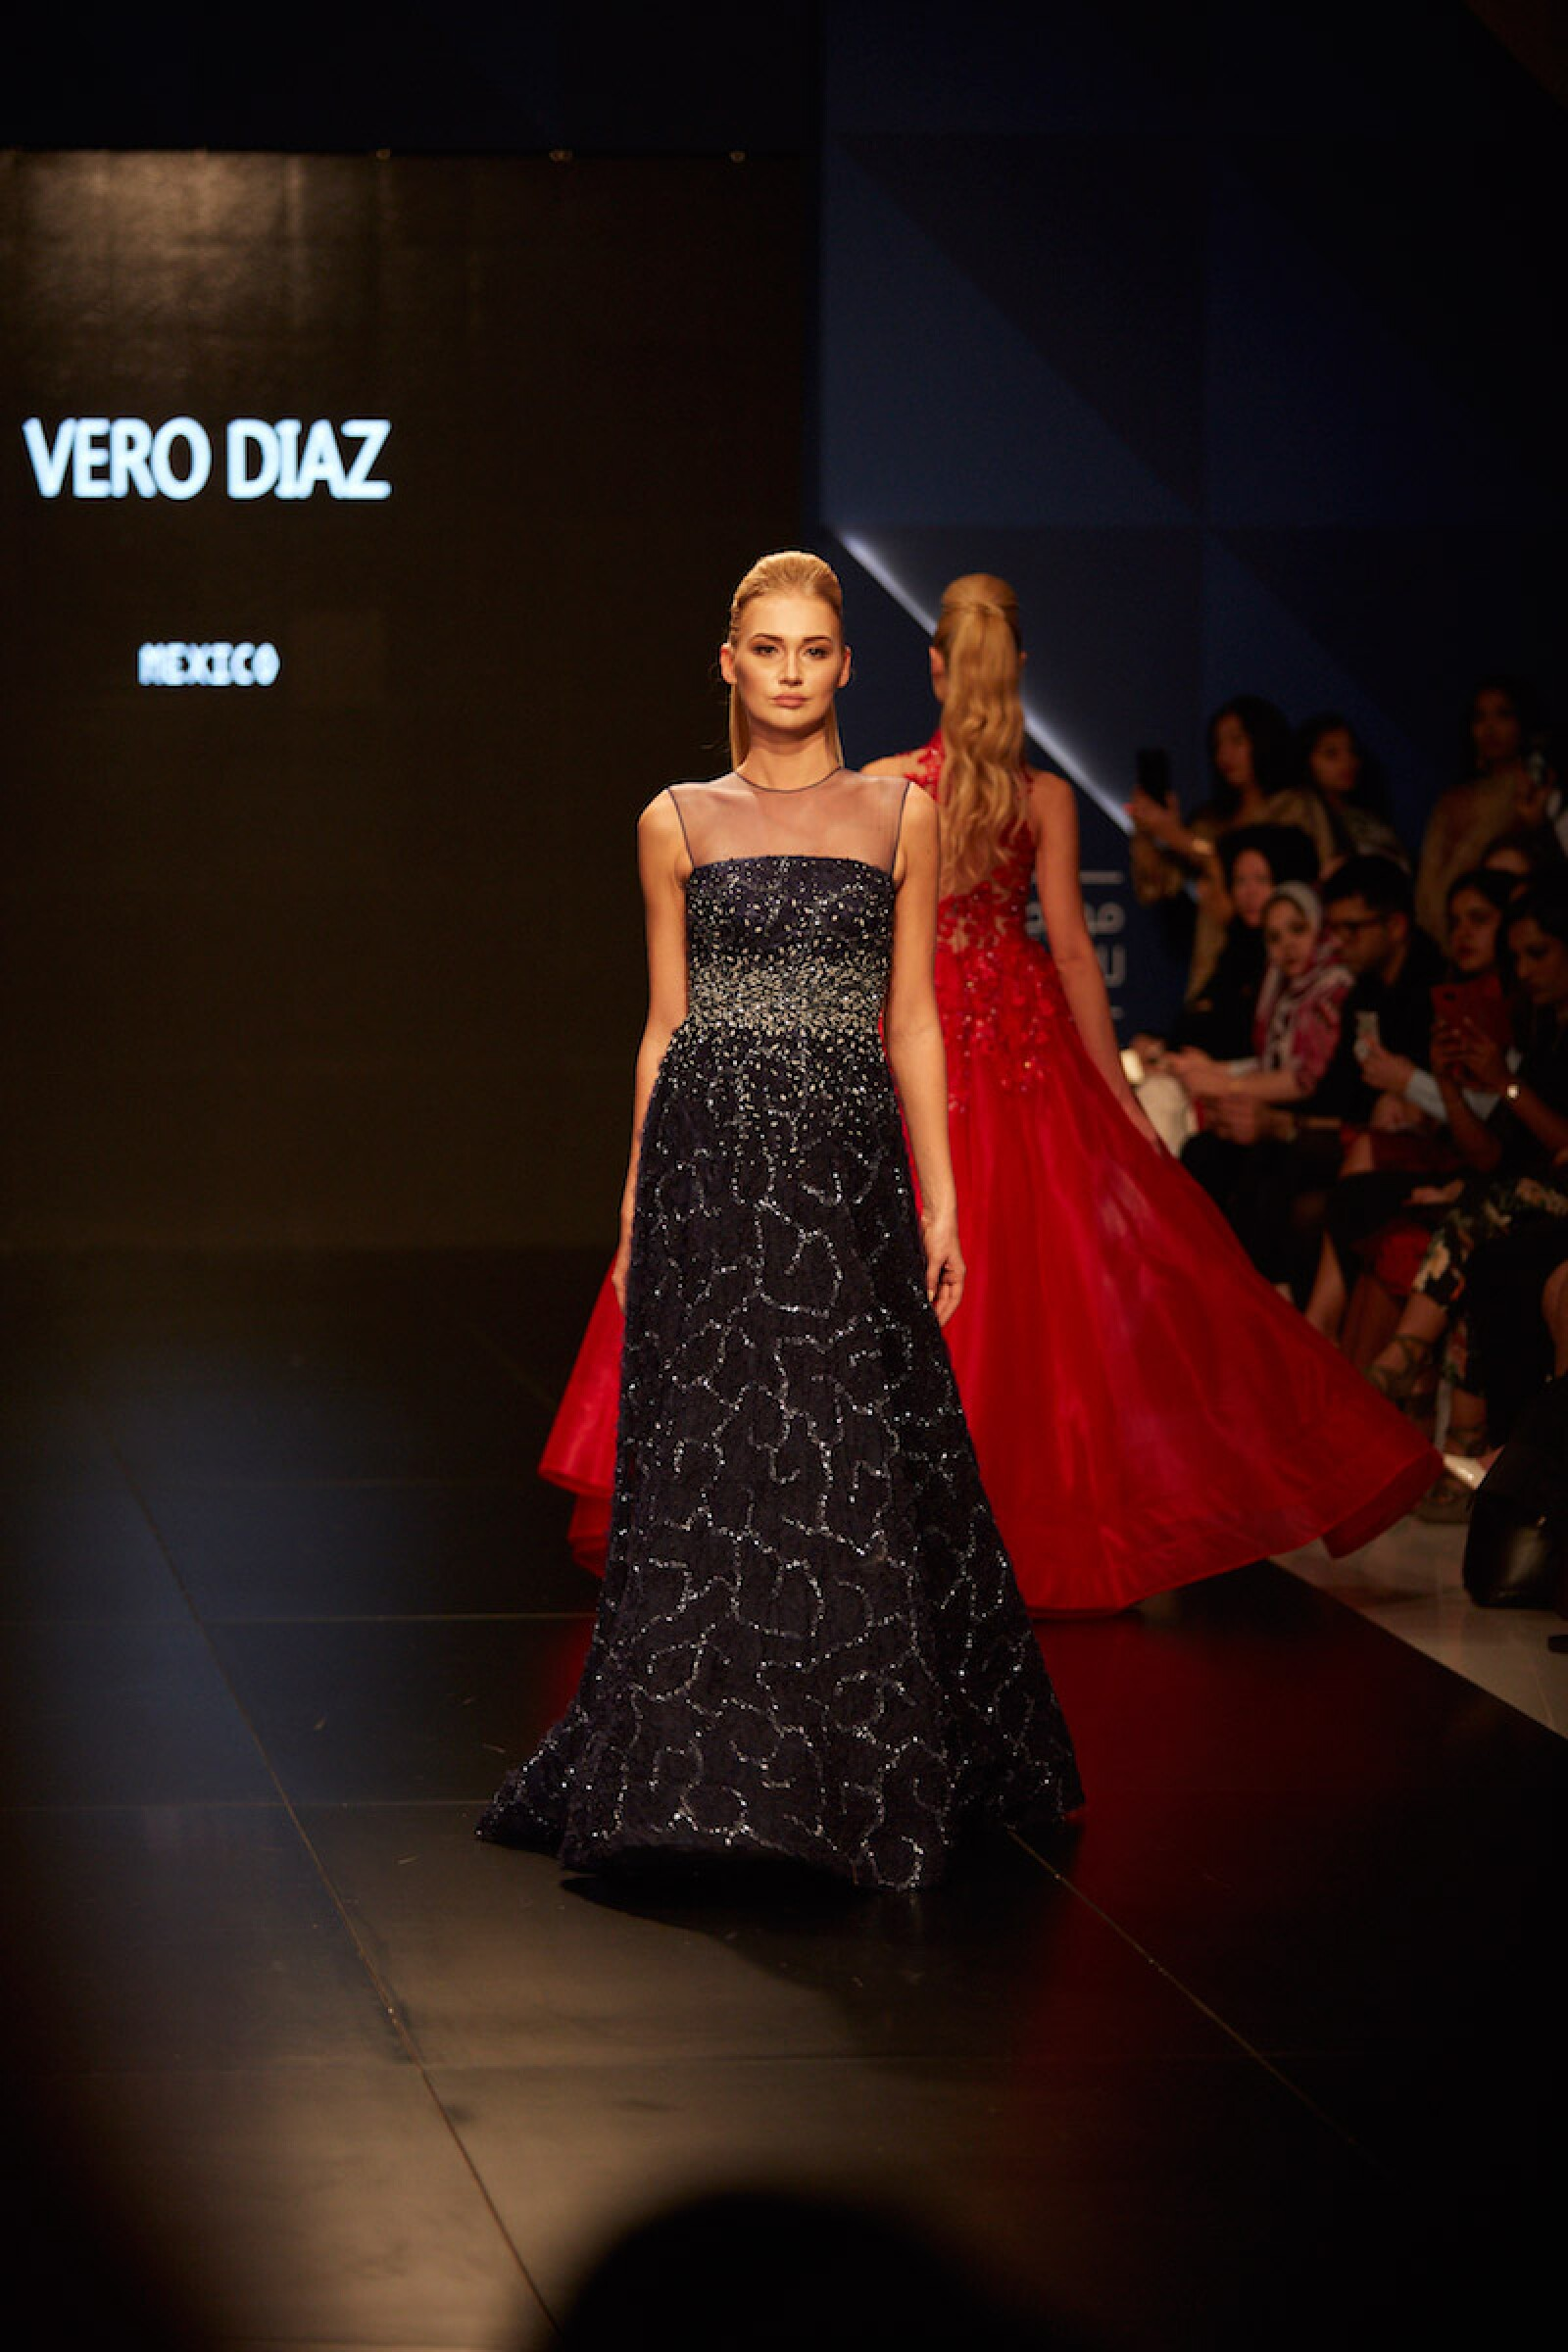 VERO-DIAZ-QATAR-06